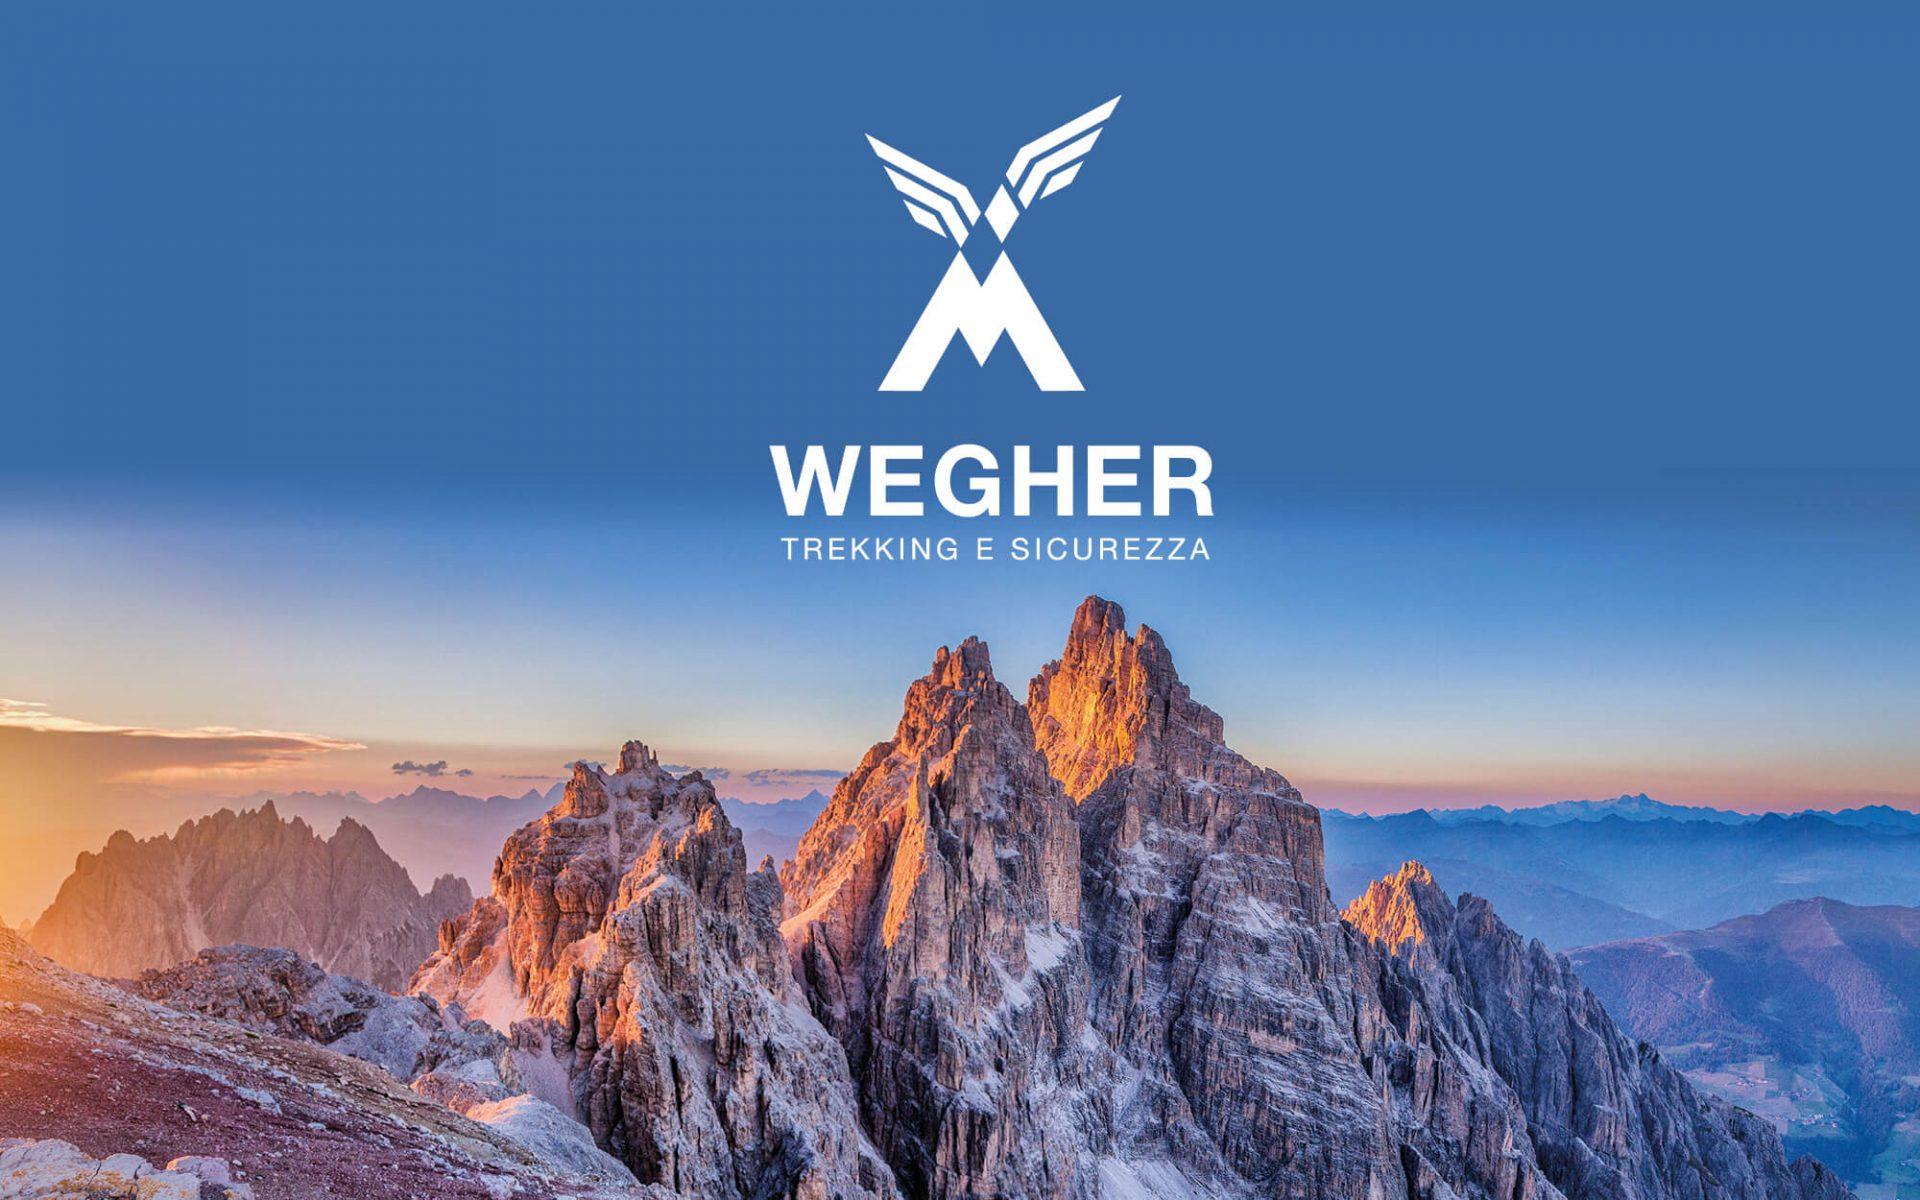 progetto del marchio wegher realizzato dallo studio grafico diadestudio di trento